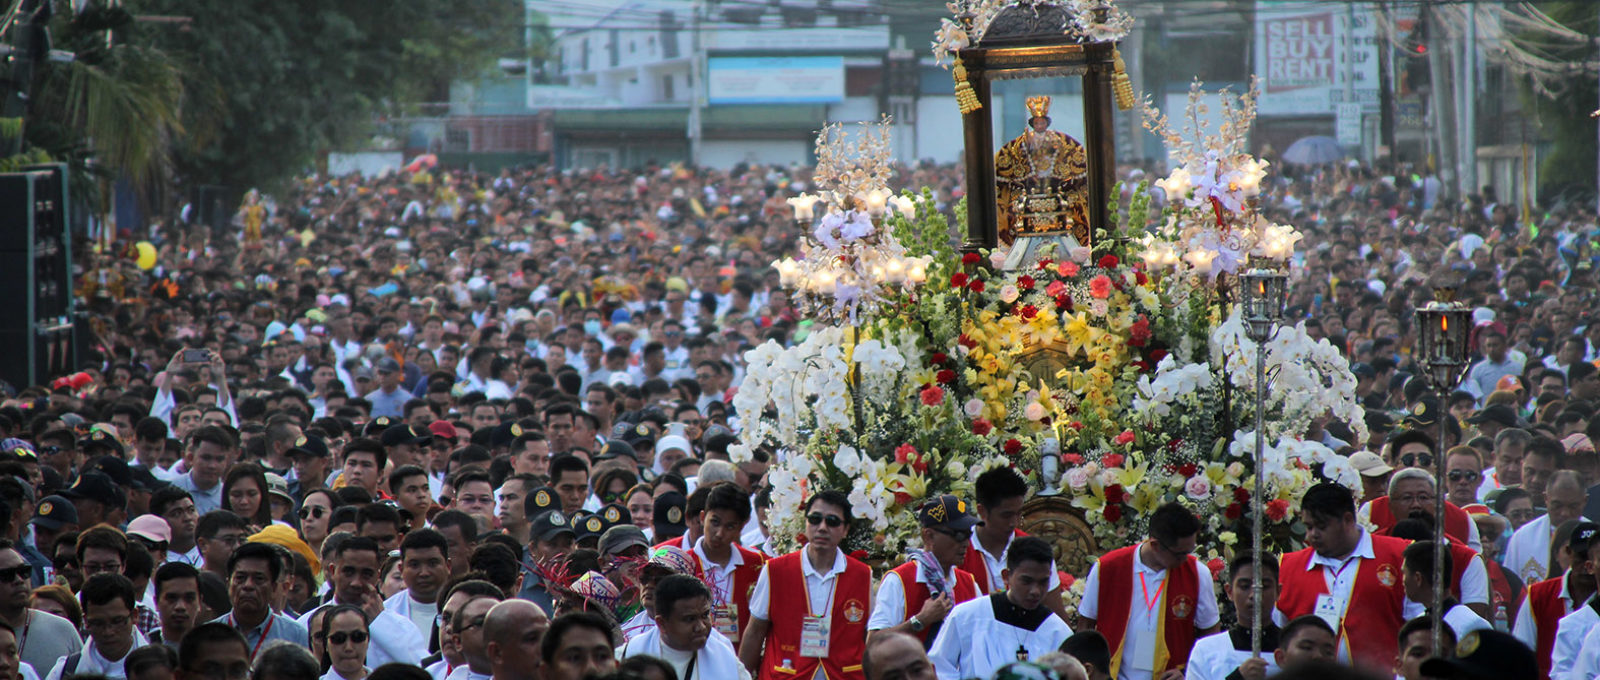 20200119-StoNiñoFeast-Cebu-SNavaja-005